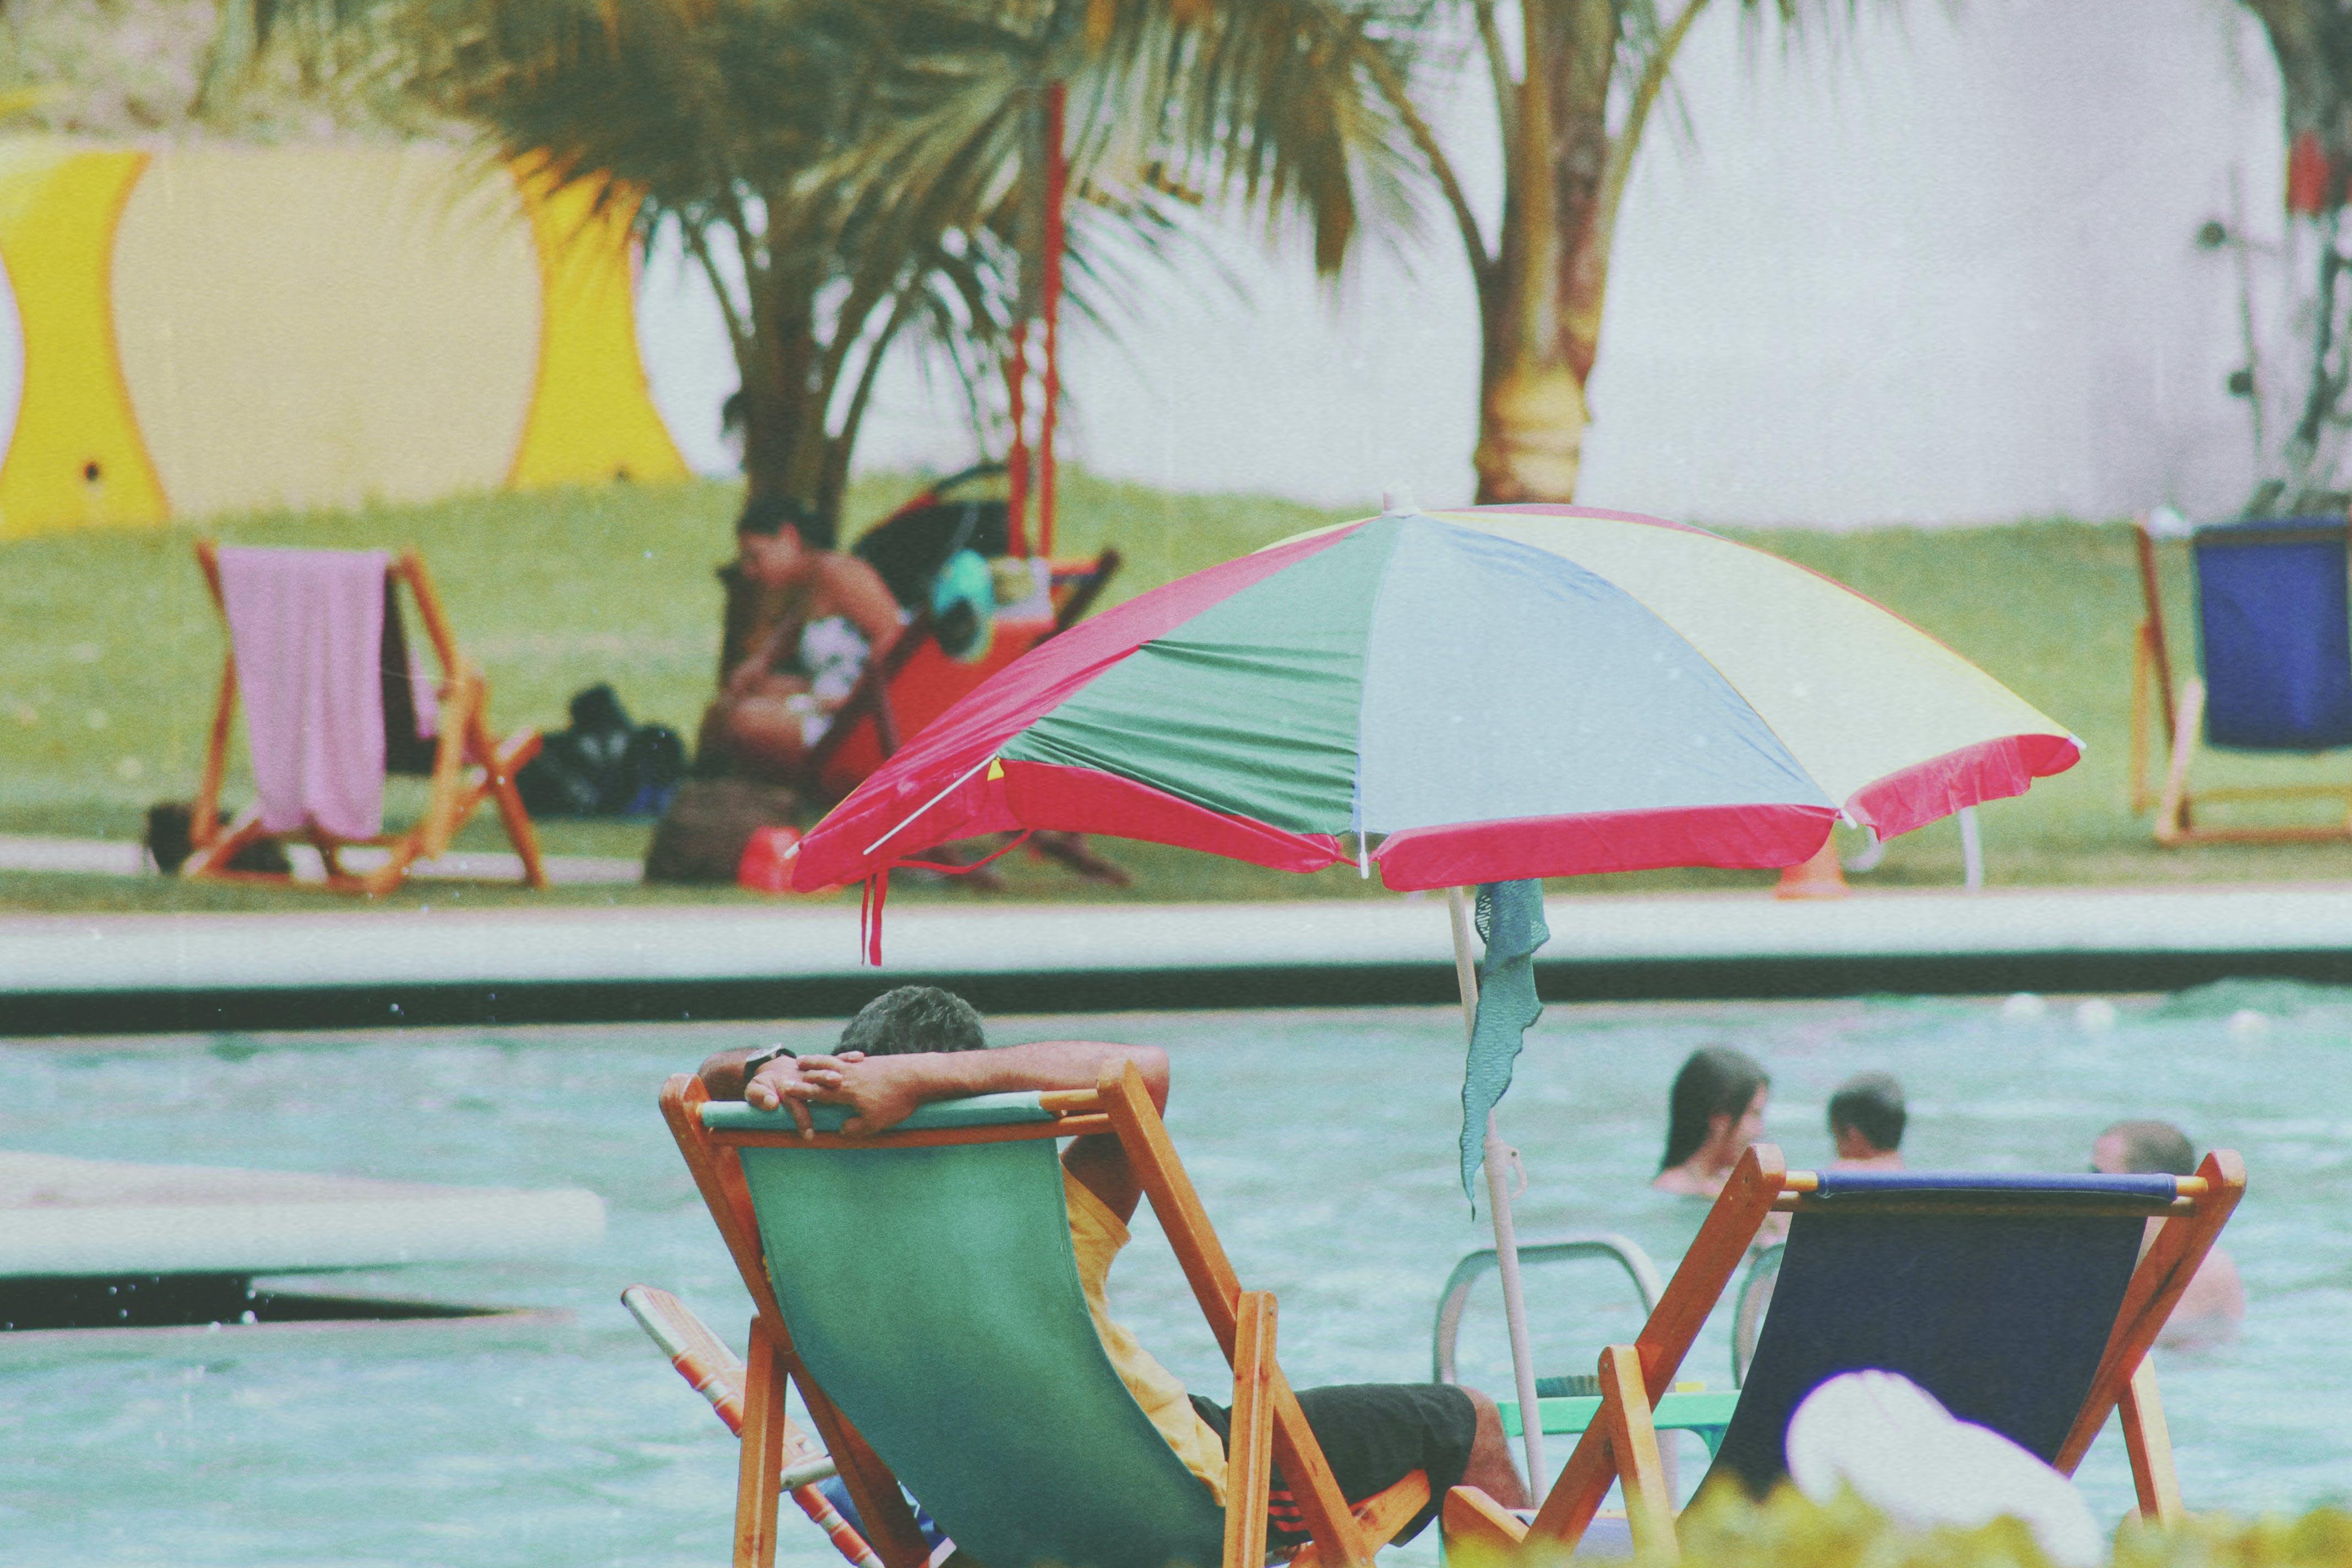 Δωρεάν στοκ φωτογραφιών με διακοπές, ελεύθερος χρόνος, θέρετρο, καλοκαίρι